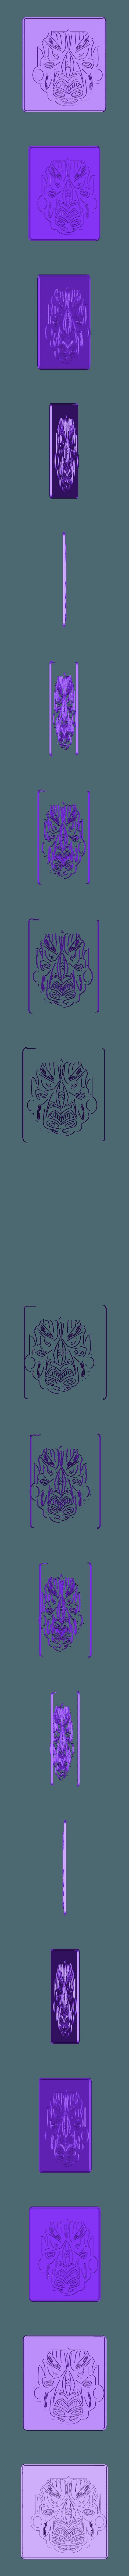 Mask.stl Télécharger fichier STL gratuit Masque • Objet pour impression 3D, Account-Closed